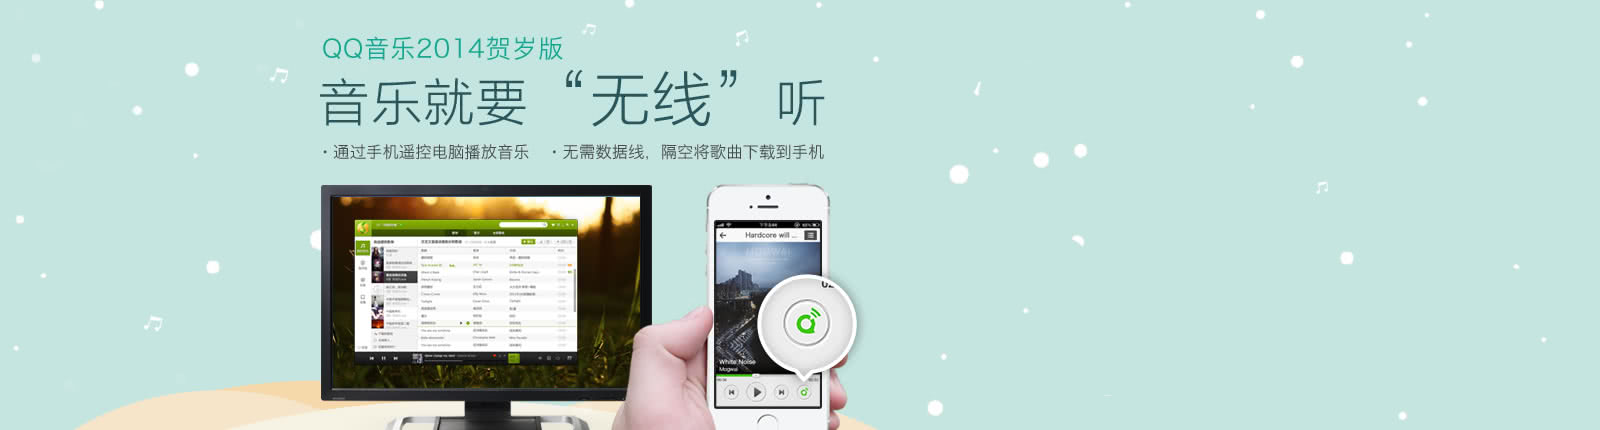 QQ音乐10.24.4416 去广告绿色特别版